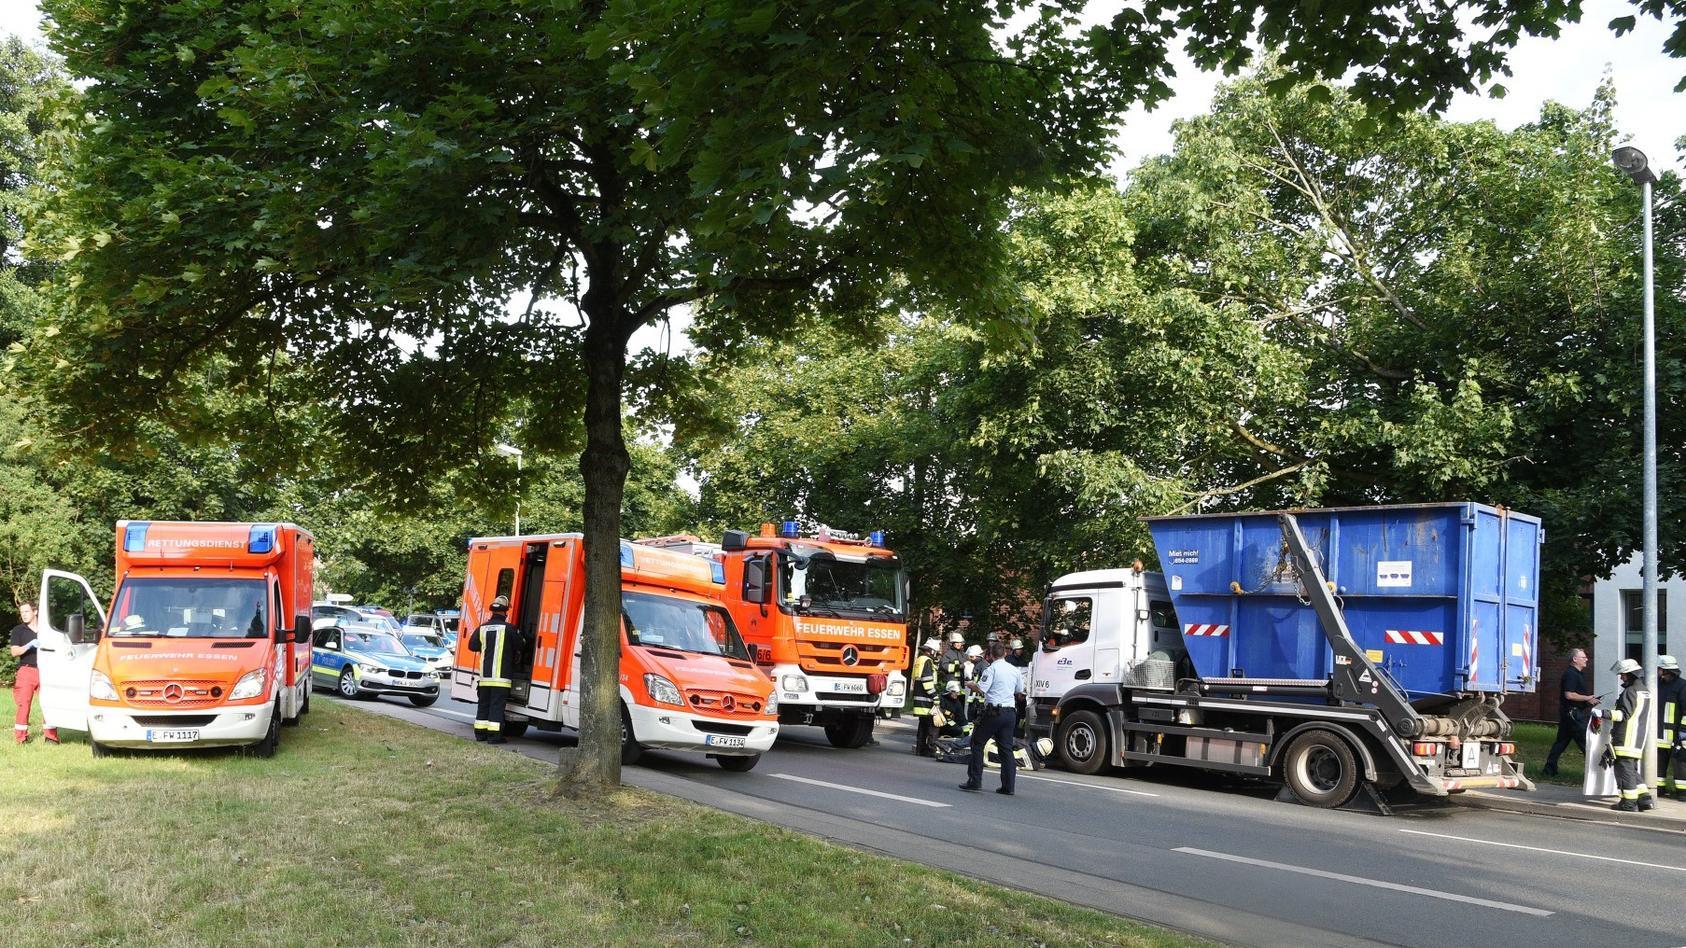 Die Unfallstelle in Essen (Foto: KDF-TV & Picture 2018).